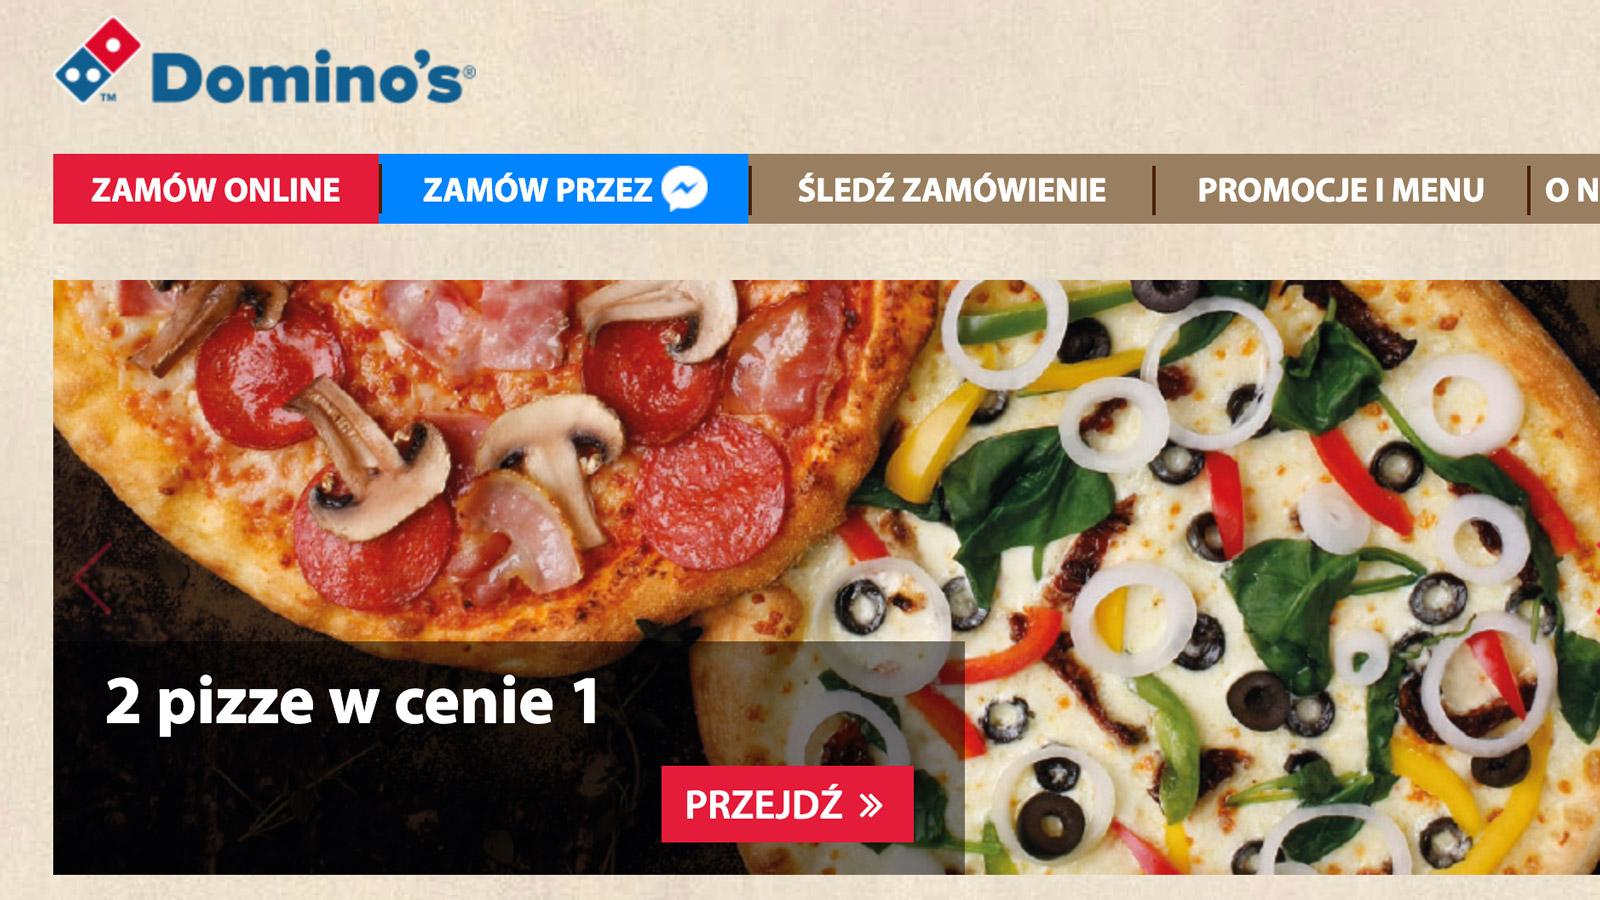 DOMINO's ze sposobem na PIZZA HUT i PAPA JOHN'S strategia mediarun domino pizza www 2019